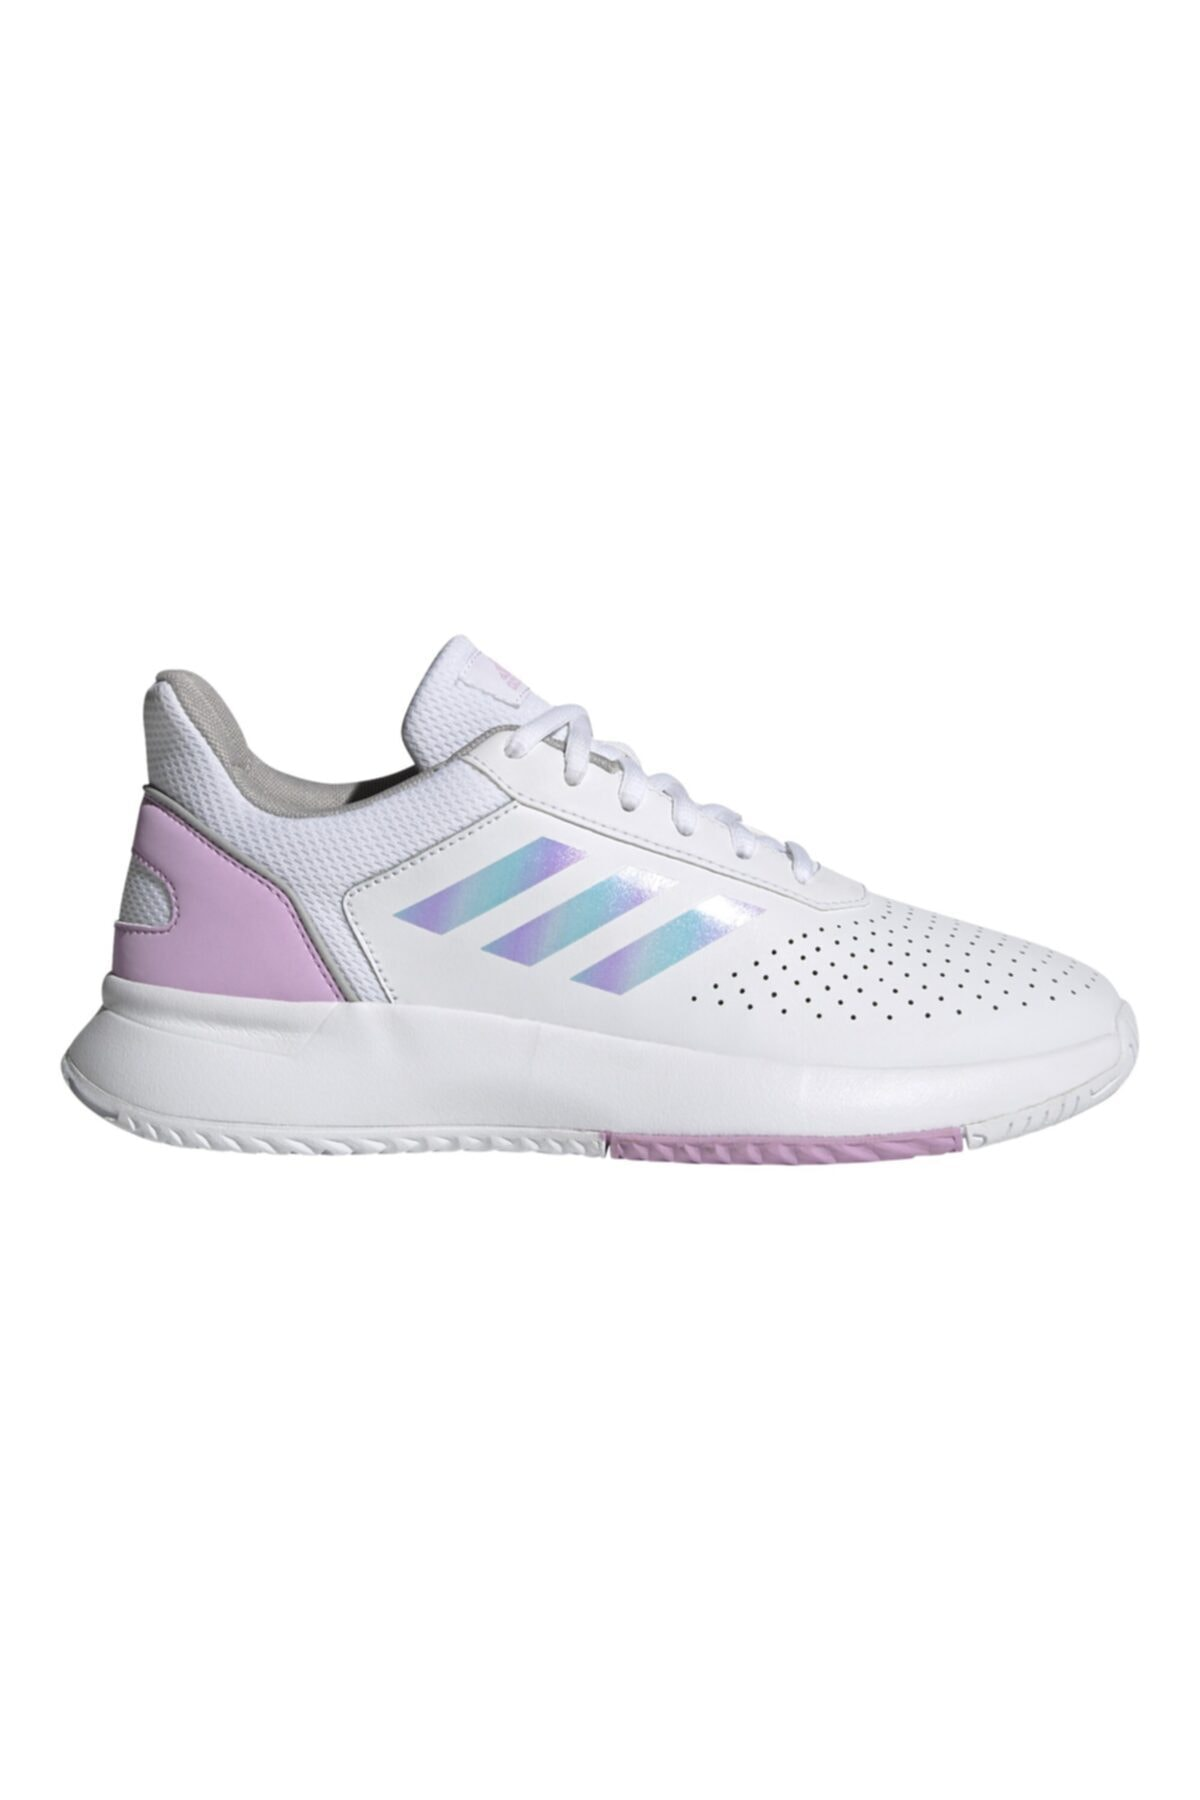 Kadın  Fy8732 Courtsmash Beyaz Tenis Ayakkabısı